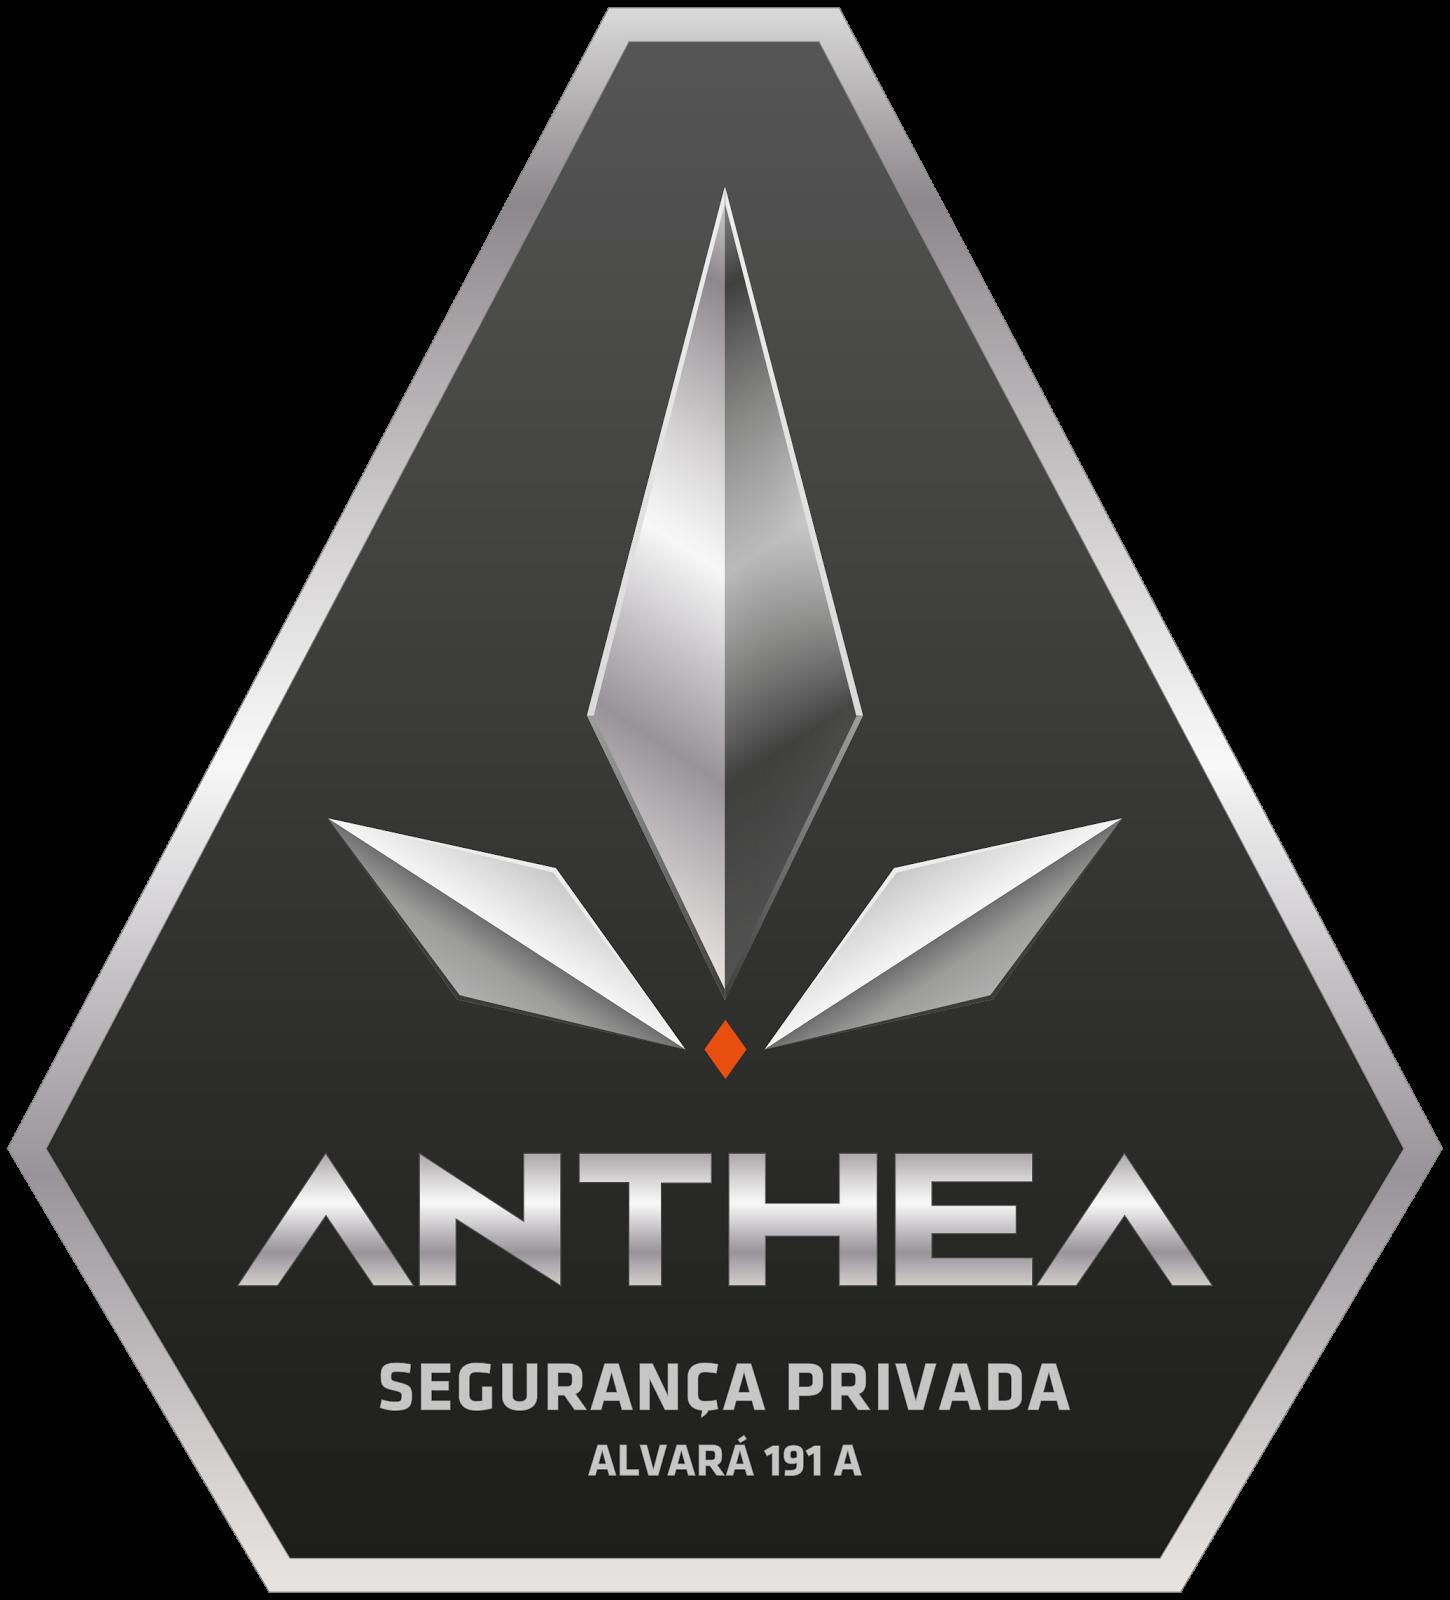 Anthea Segurança